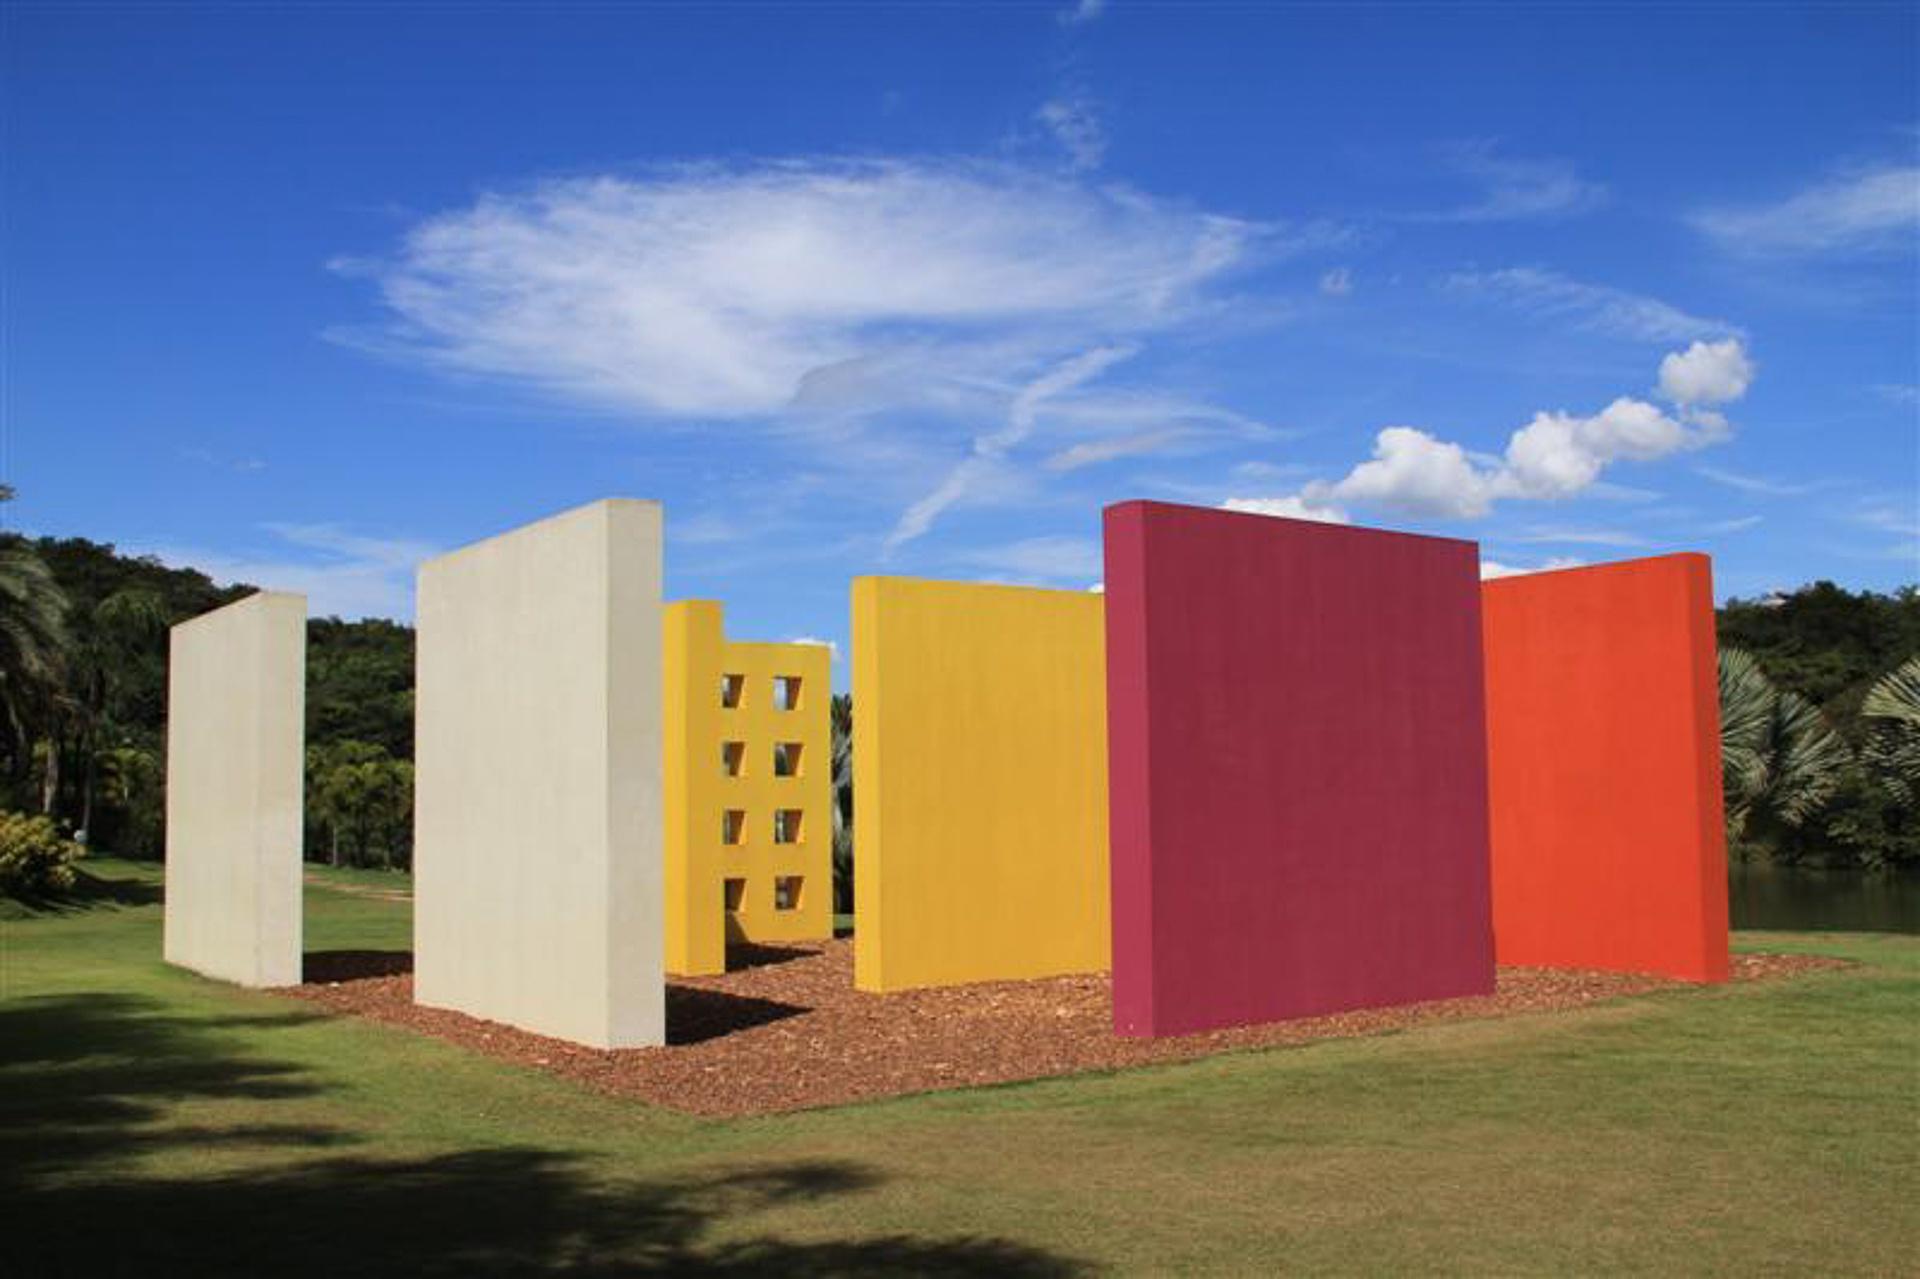 Art contemporain - Belo Horizonte - Brésil